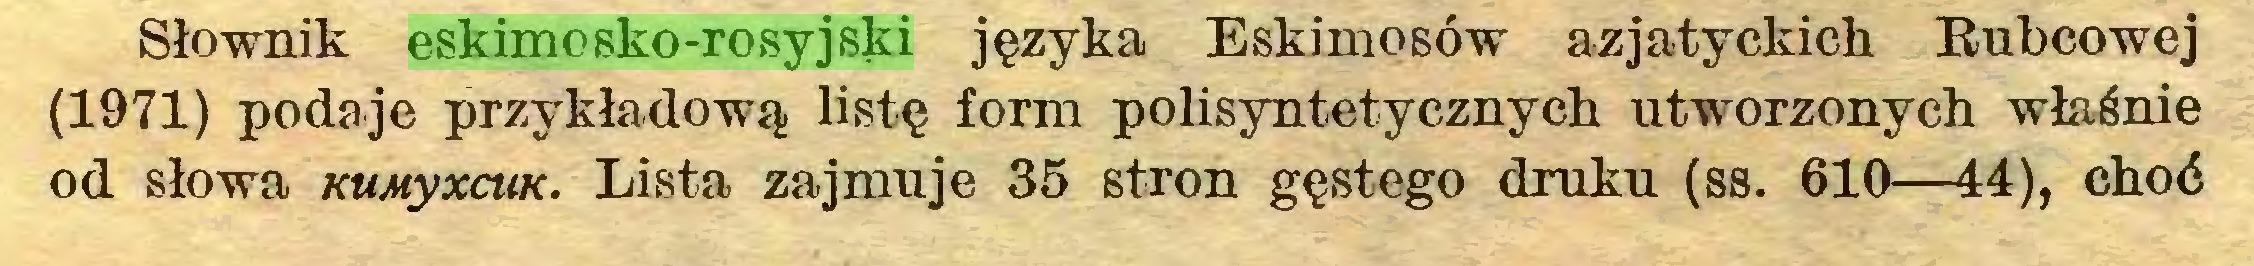 (...) Słownik eskimosko-rosyjski języka Eskimosów azjatyckich Eubcowej (1971) podaje przykładową listę form polisyntetycznych utworzonych właśnie od słowa KUMyxcuK. Lista zajmuje 35 stron gęstego druku (ss. 610—44), choć...